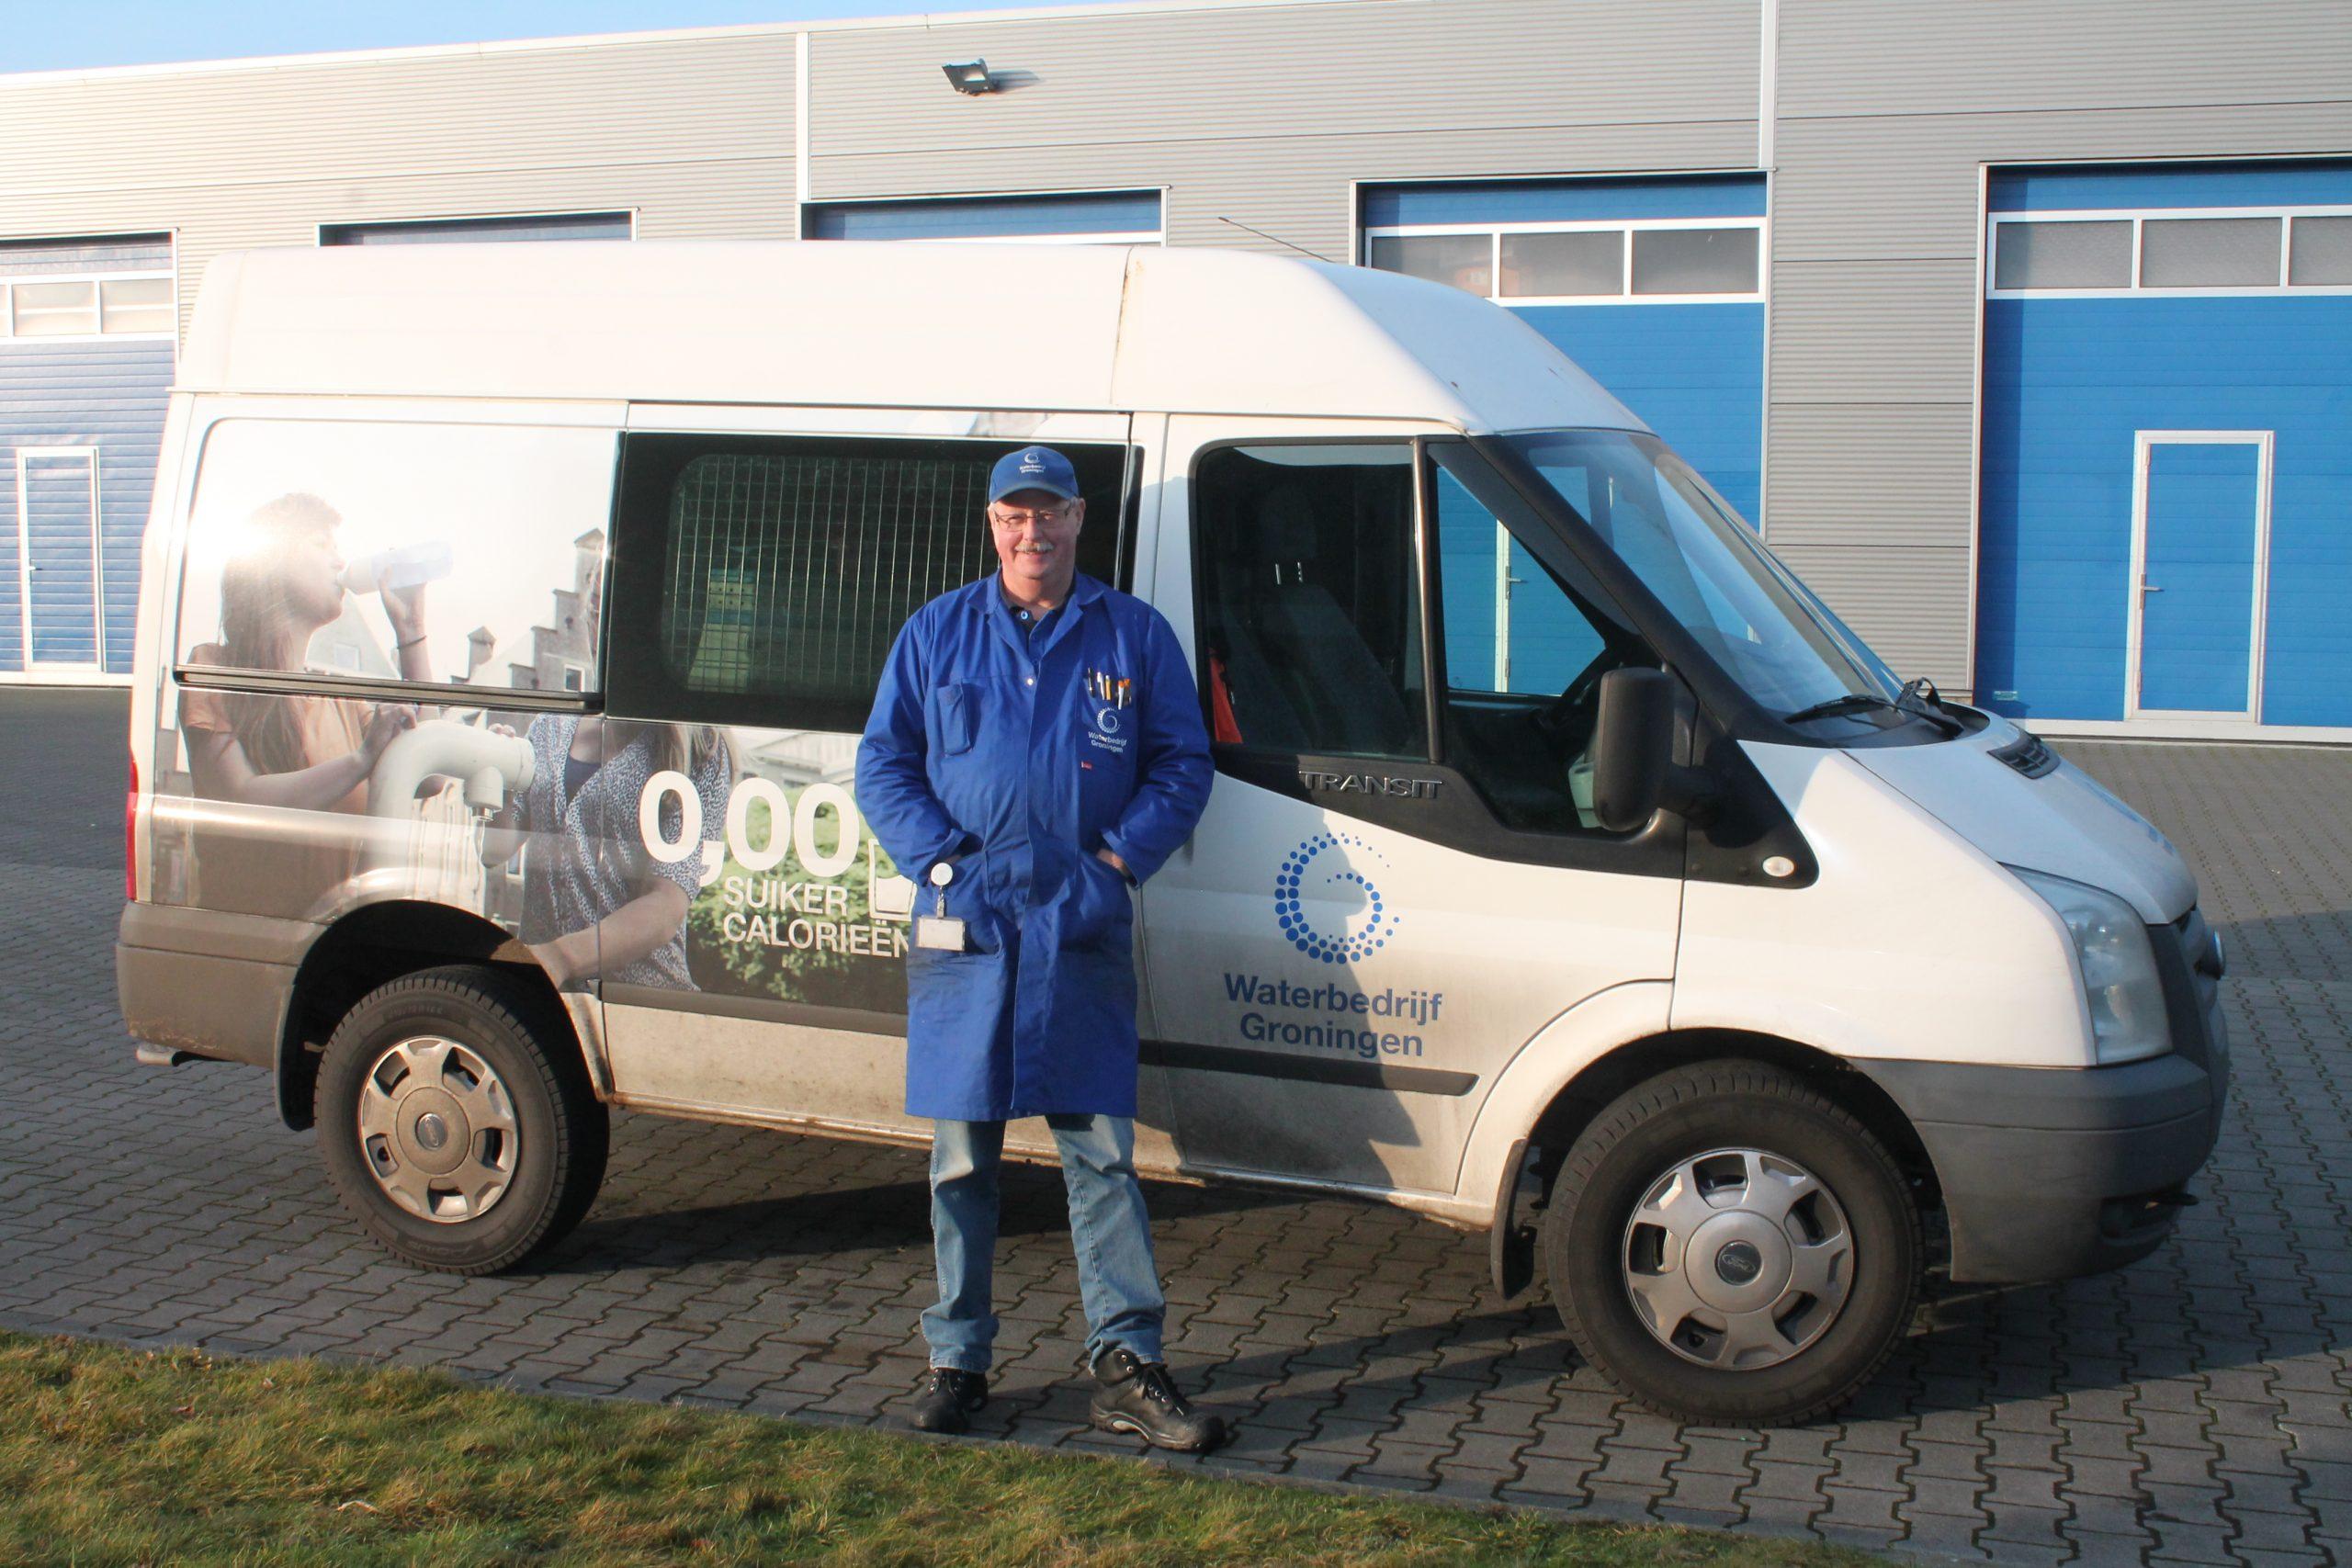 Waterbedrijf Groningen